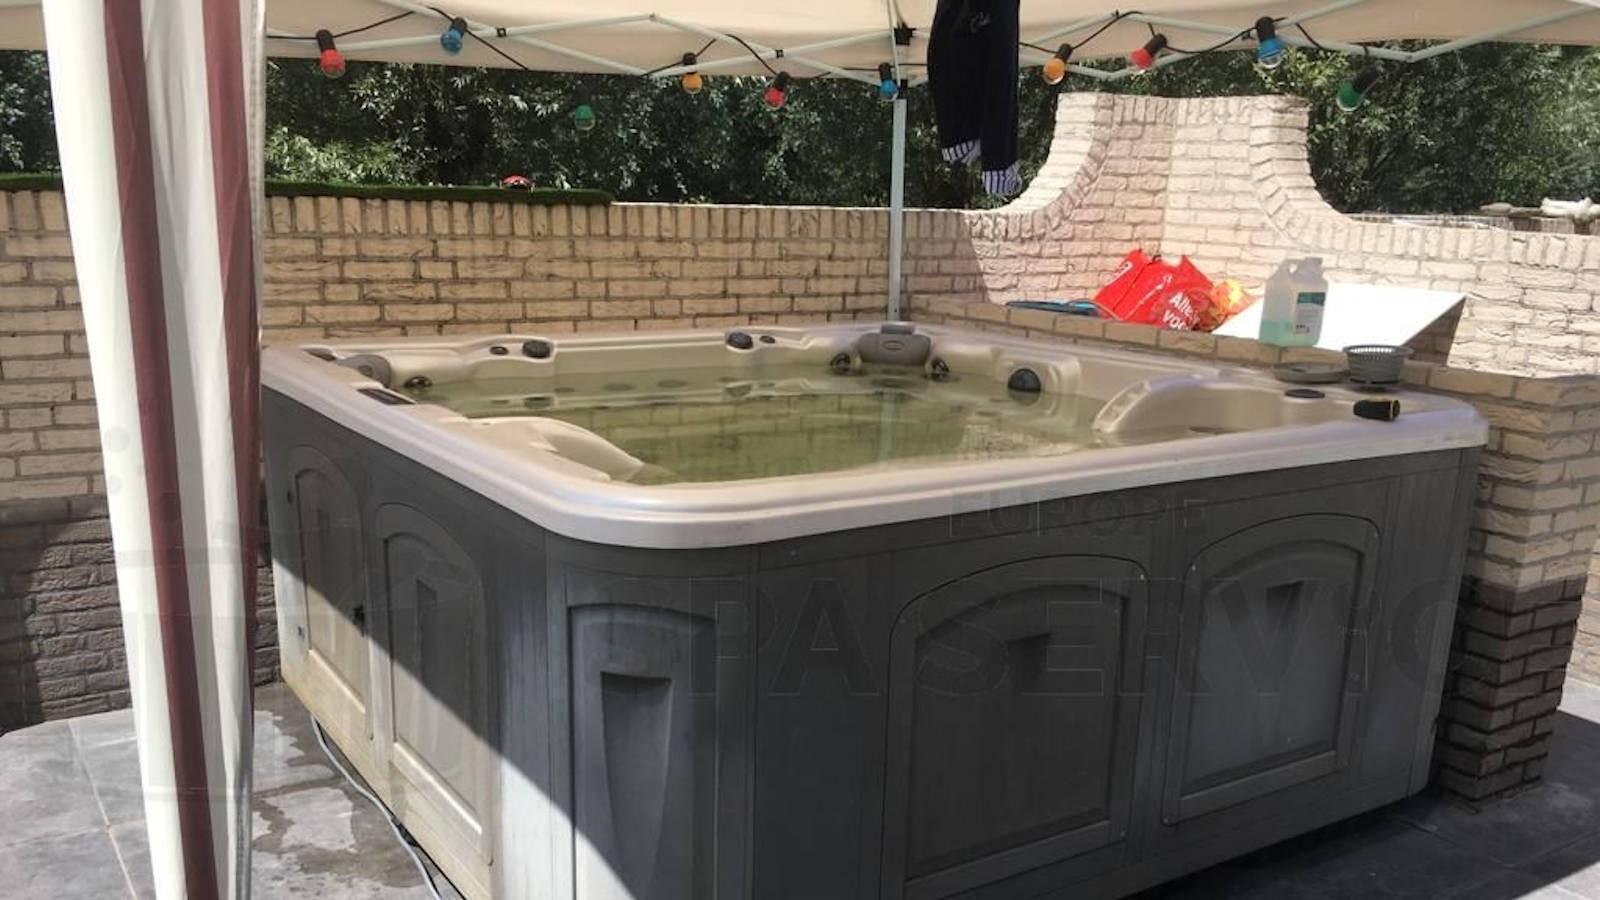 Reparatie van een Clearwater spa in Vinkeveen